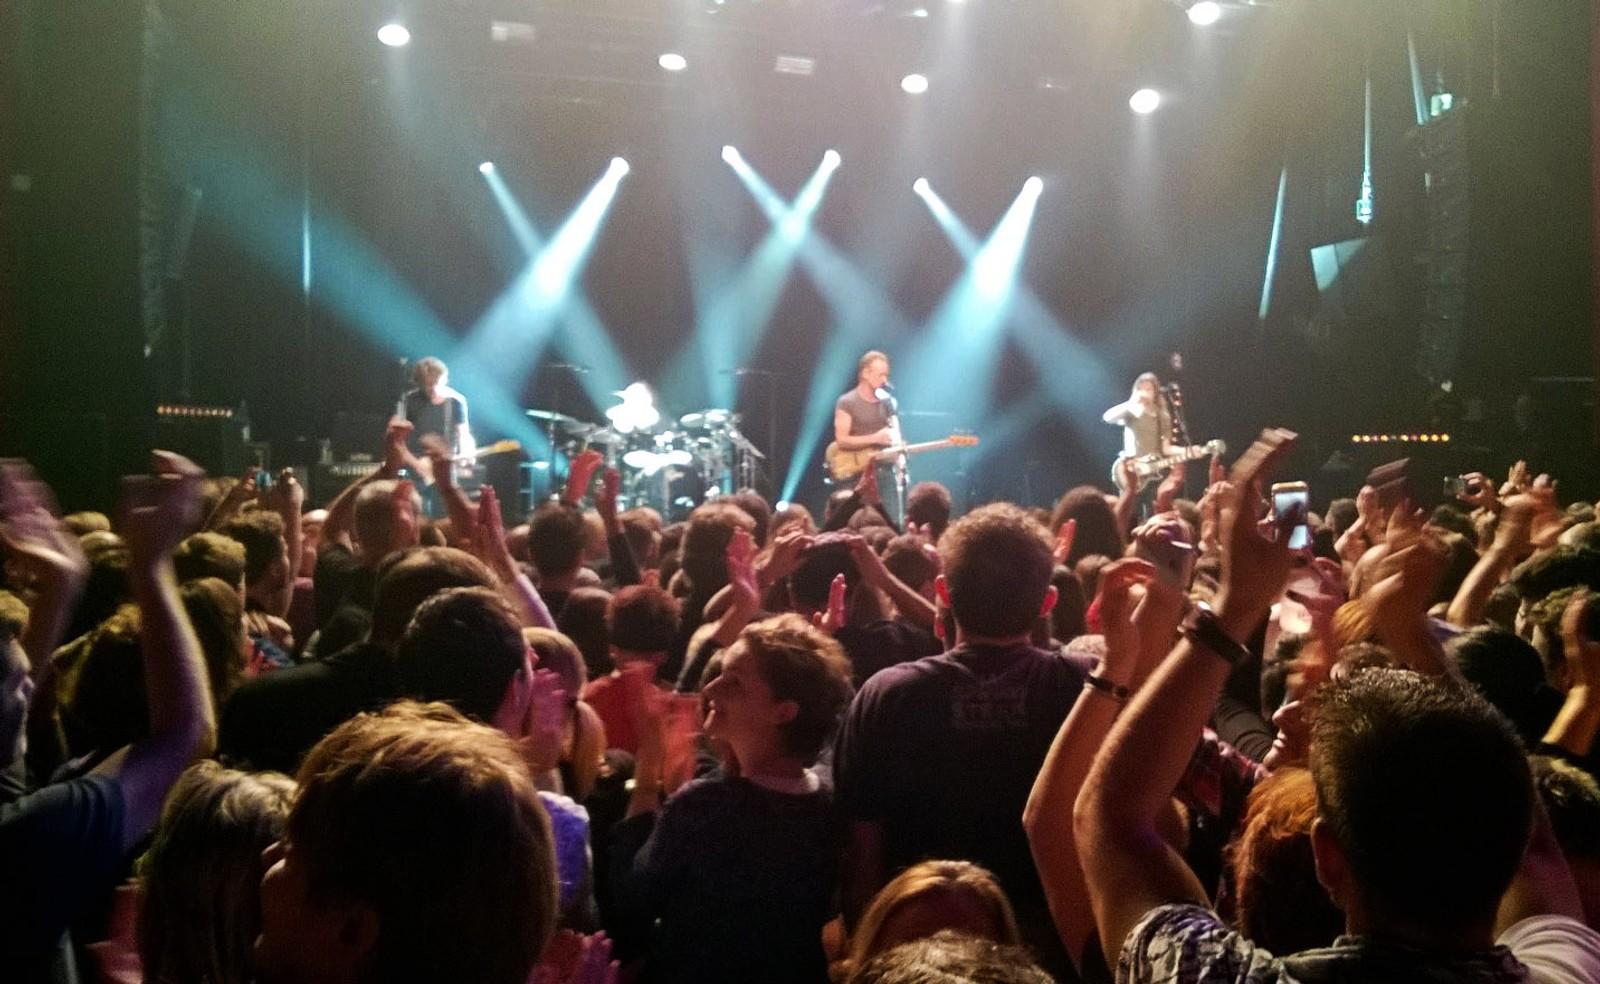 Rockestjernen Sting opptrådte lørdag kveld på konsertscenen Bataclan i Paris der 90 mennesker ble drept for et år siden i et koordinert terrorangrep mot sju steder i den franske hovedstaden. I alt 130 mennesker ble drept.